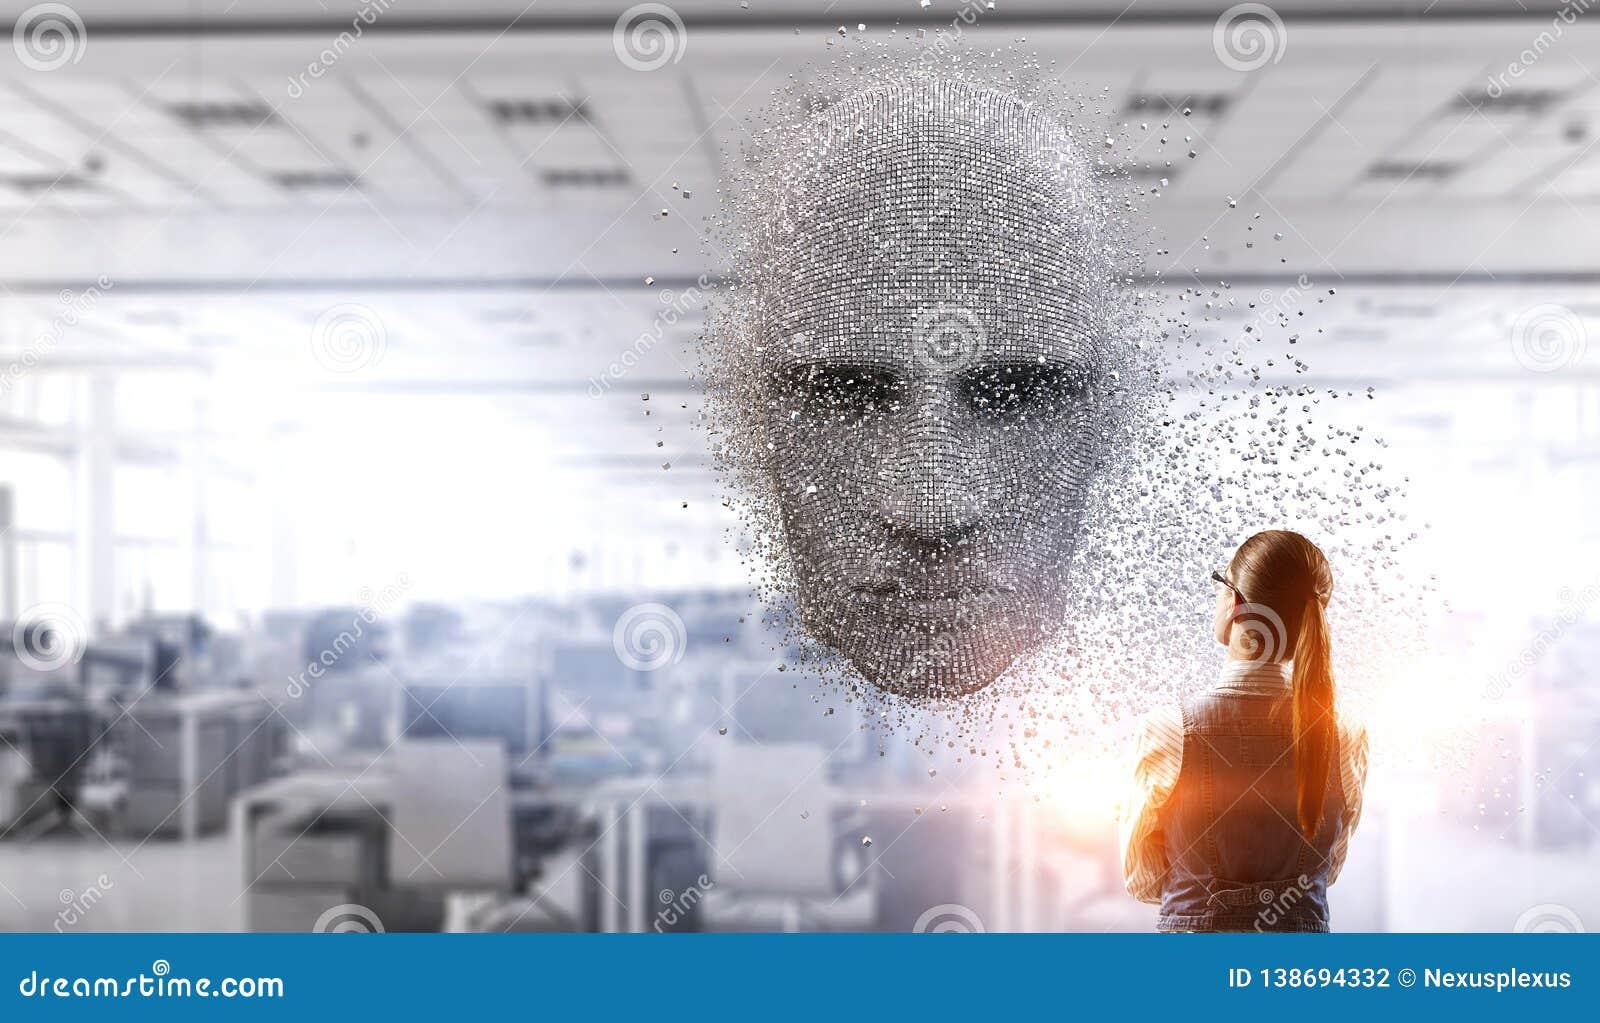 Τεχνητή νοημοσύνη και μελλοντικές τεχνολογίες Μικτά μέσα